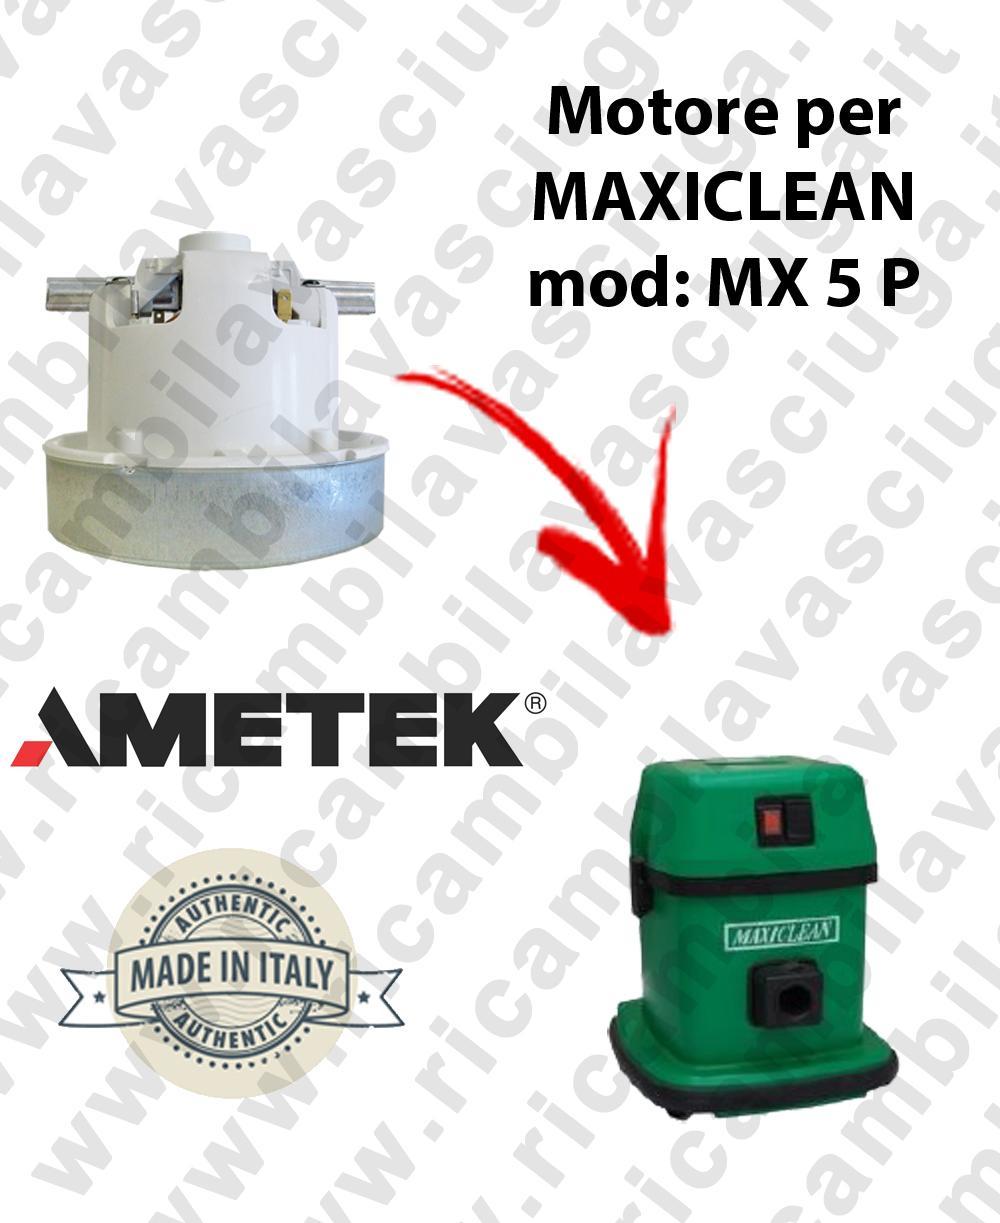 MX 5 P MOTORE AMETEK di aspirazione per aspirapolvere MAXICLEAN